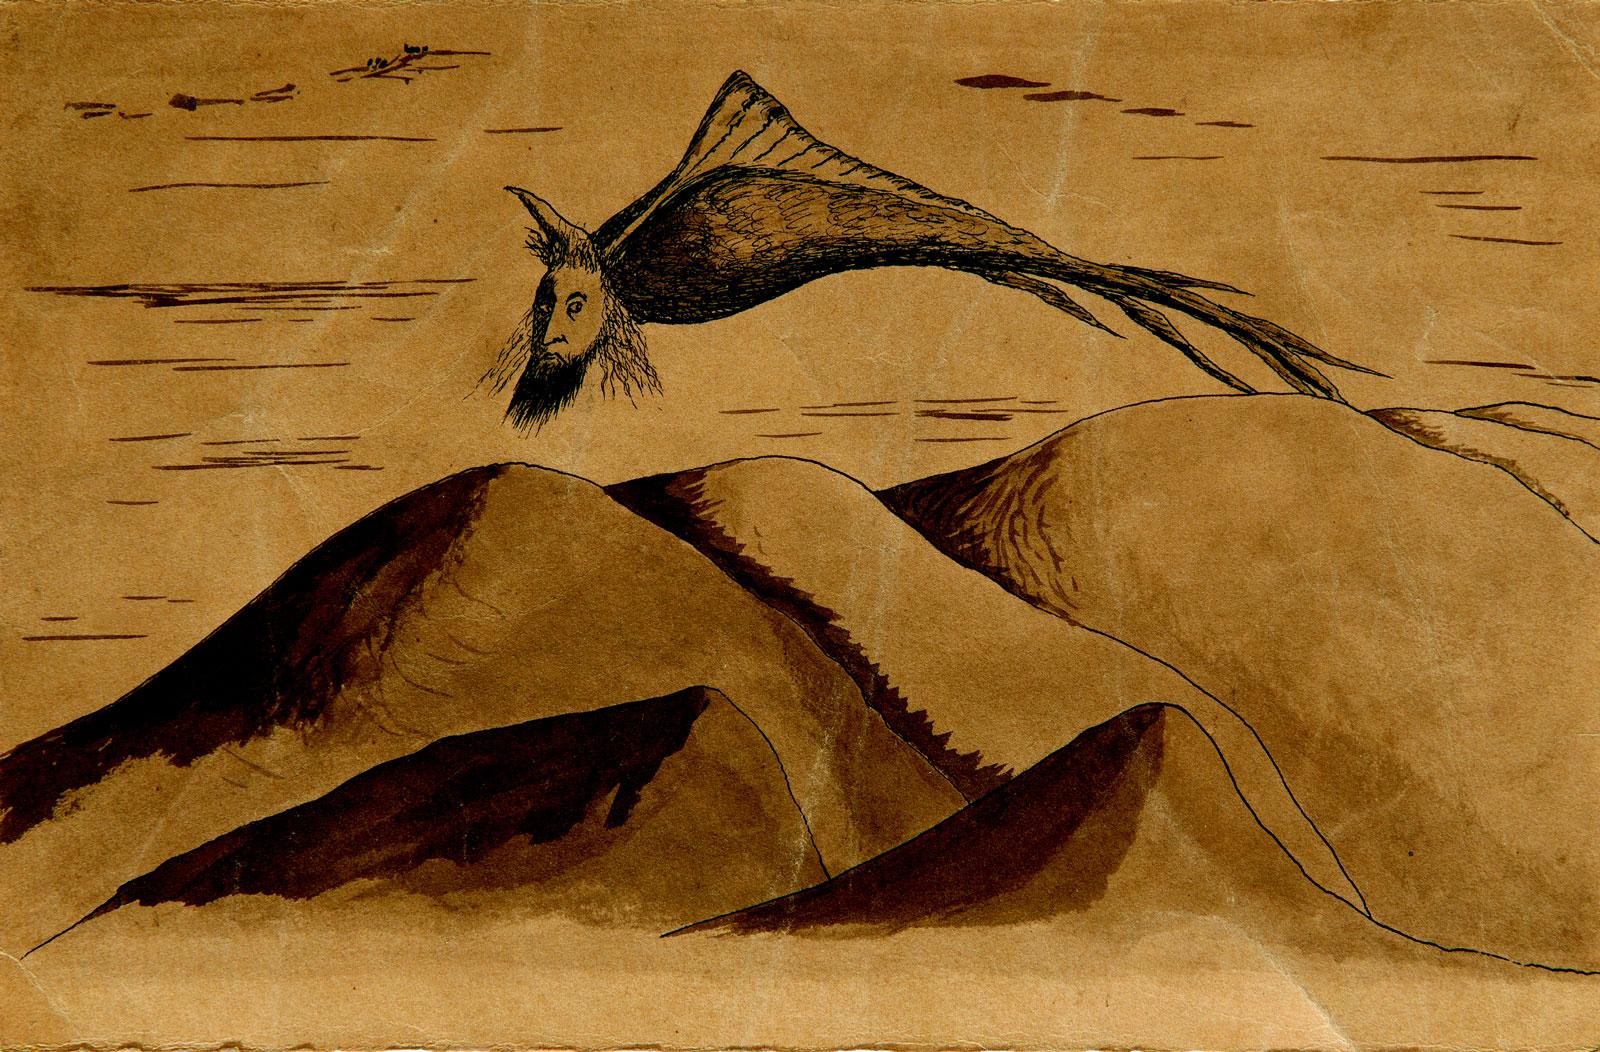 Paul Scheerbart: Nusi-Pusi, 1912